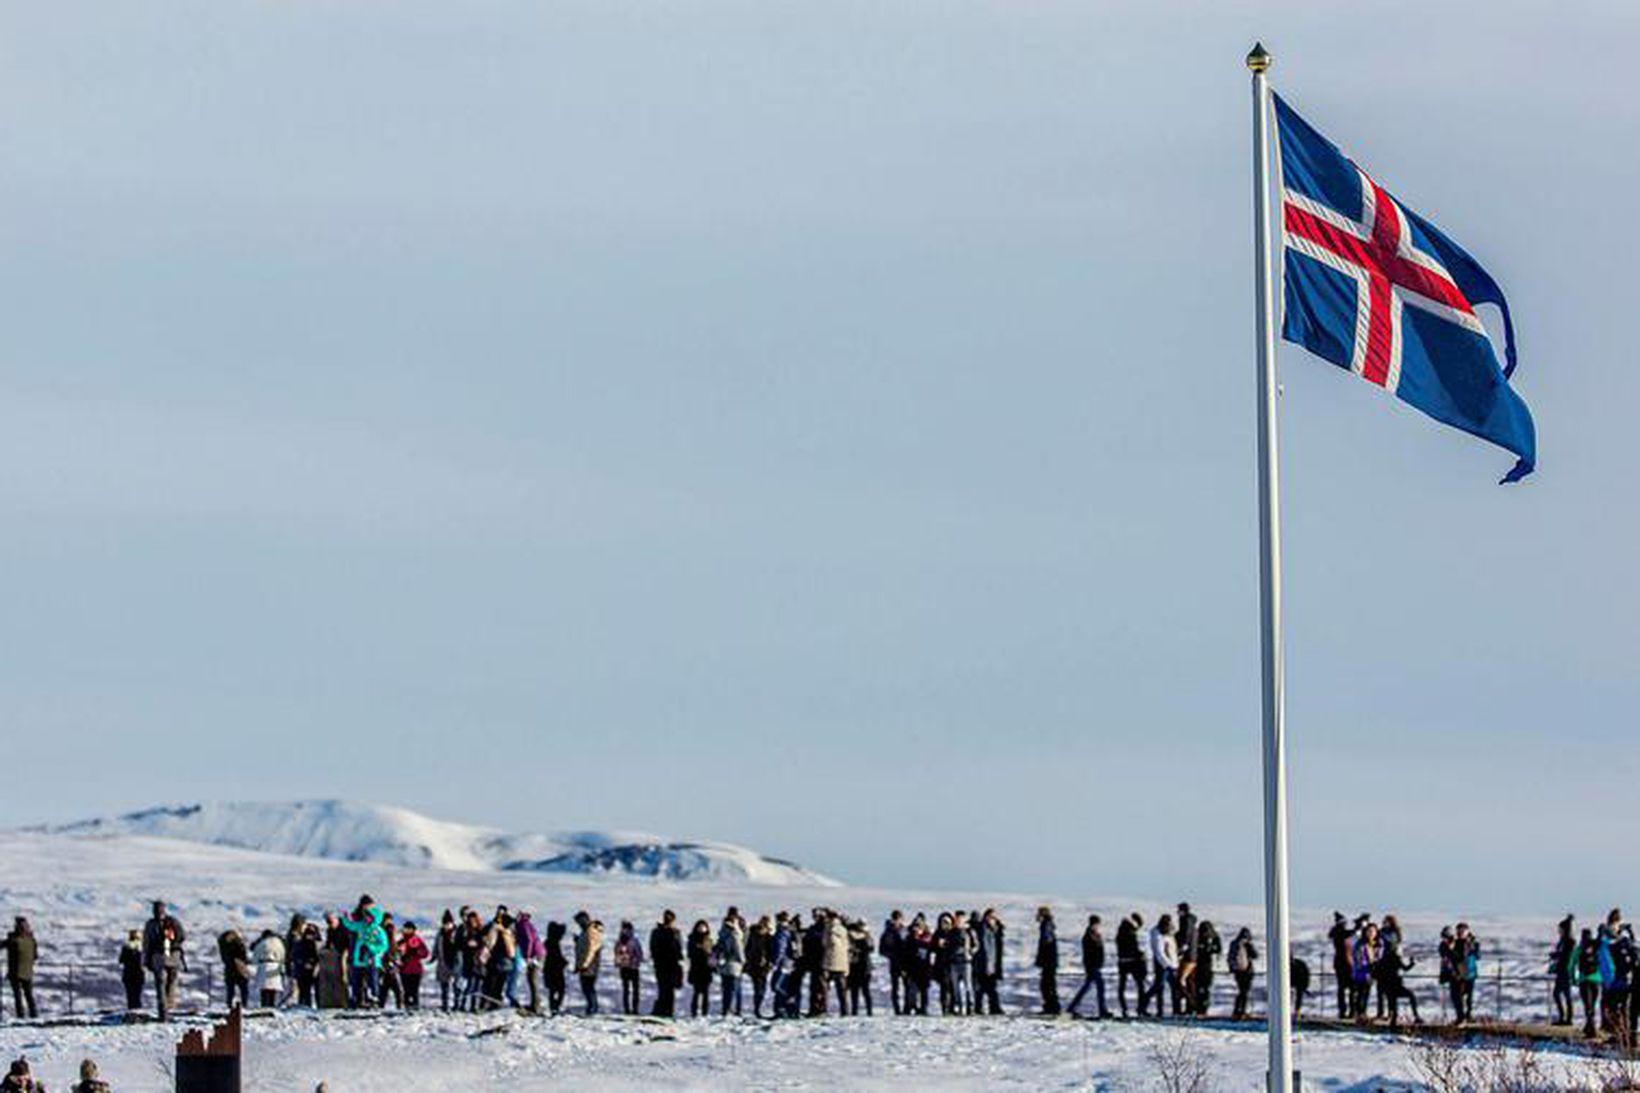 Ekkert aftrar ferðamönnum í að sækja Þingvelli heim.